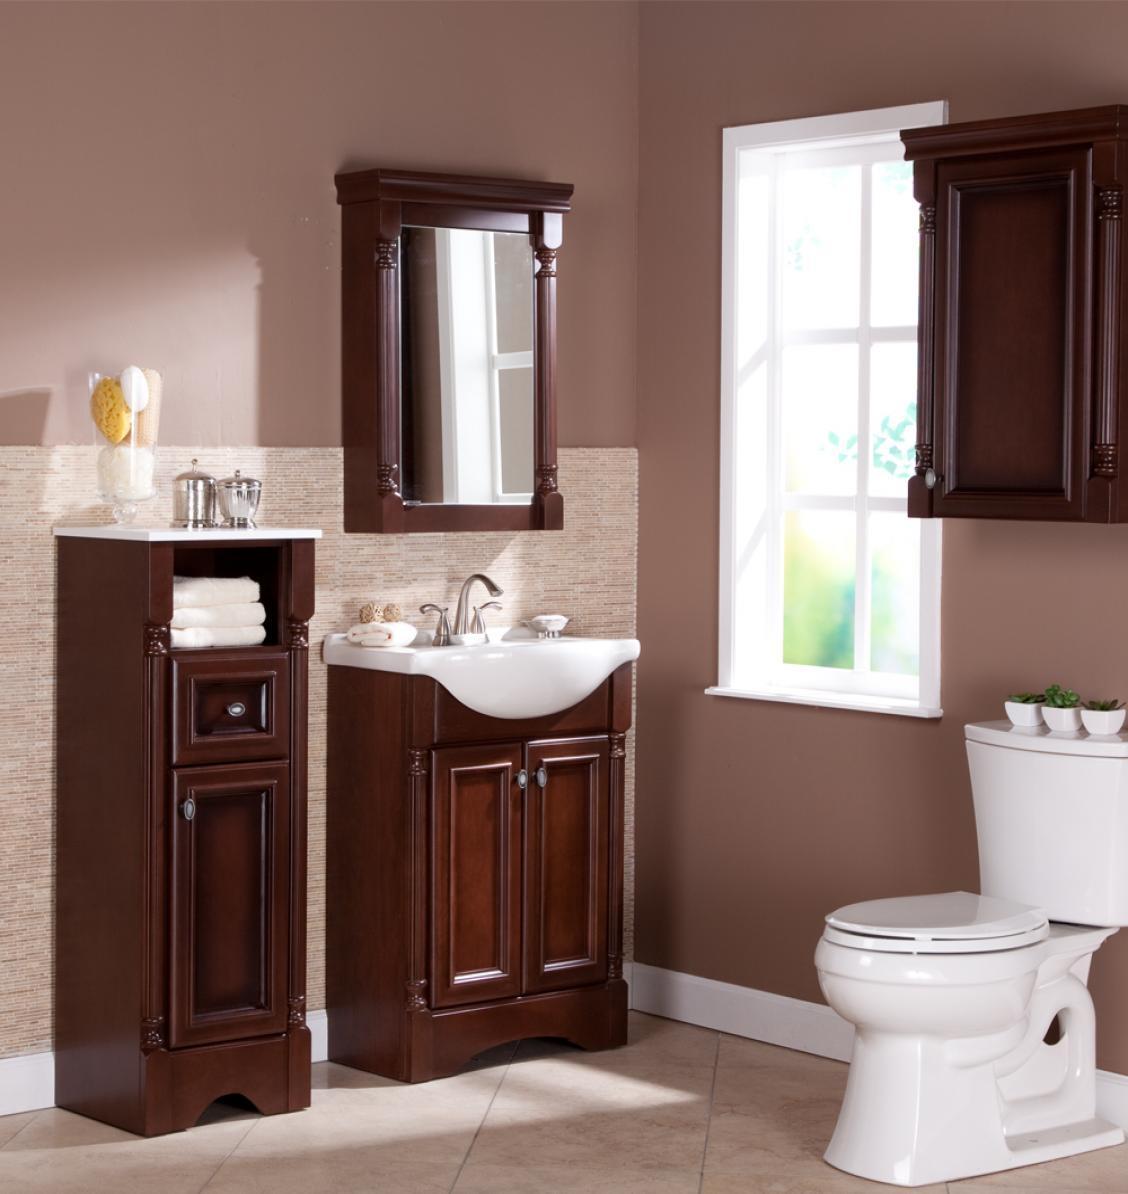 Do espelho vaidade antiga vermelha 1029 do banheiro da madeira de  #9A7131 1128x1194 Bancada Banheiro Vermelha